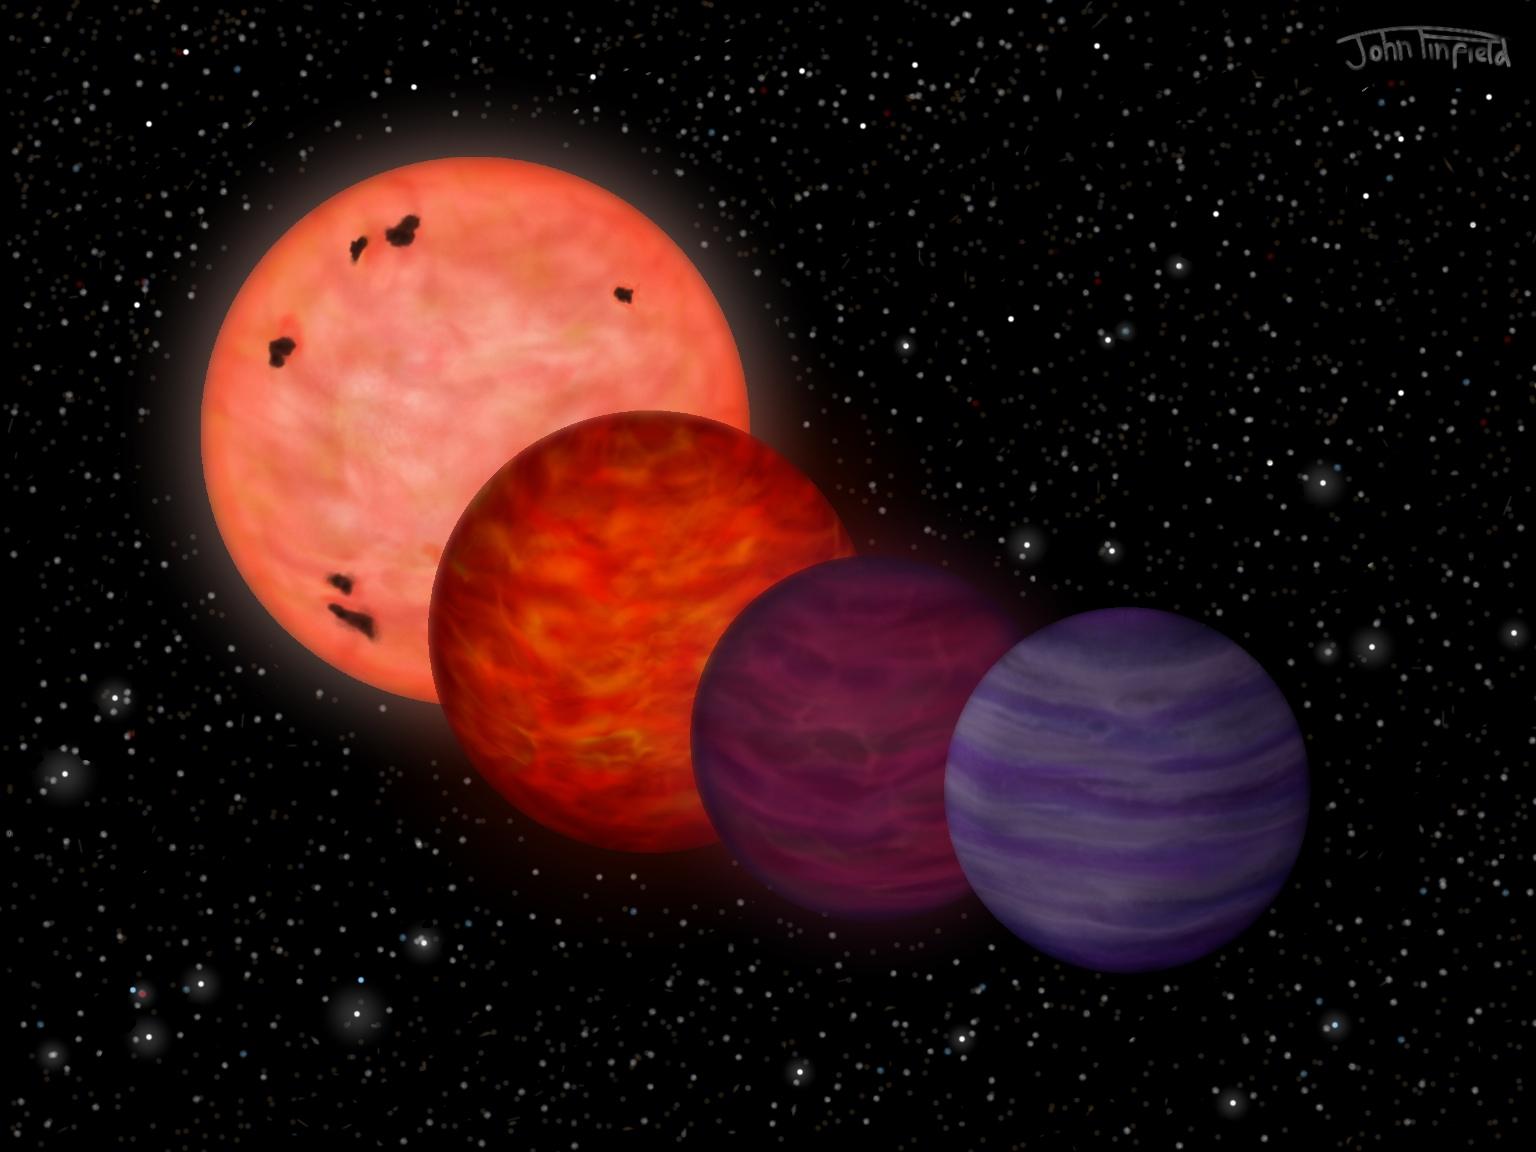 Еволюцията на J0304-2705 от звезда към планета. © John Pinfield